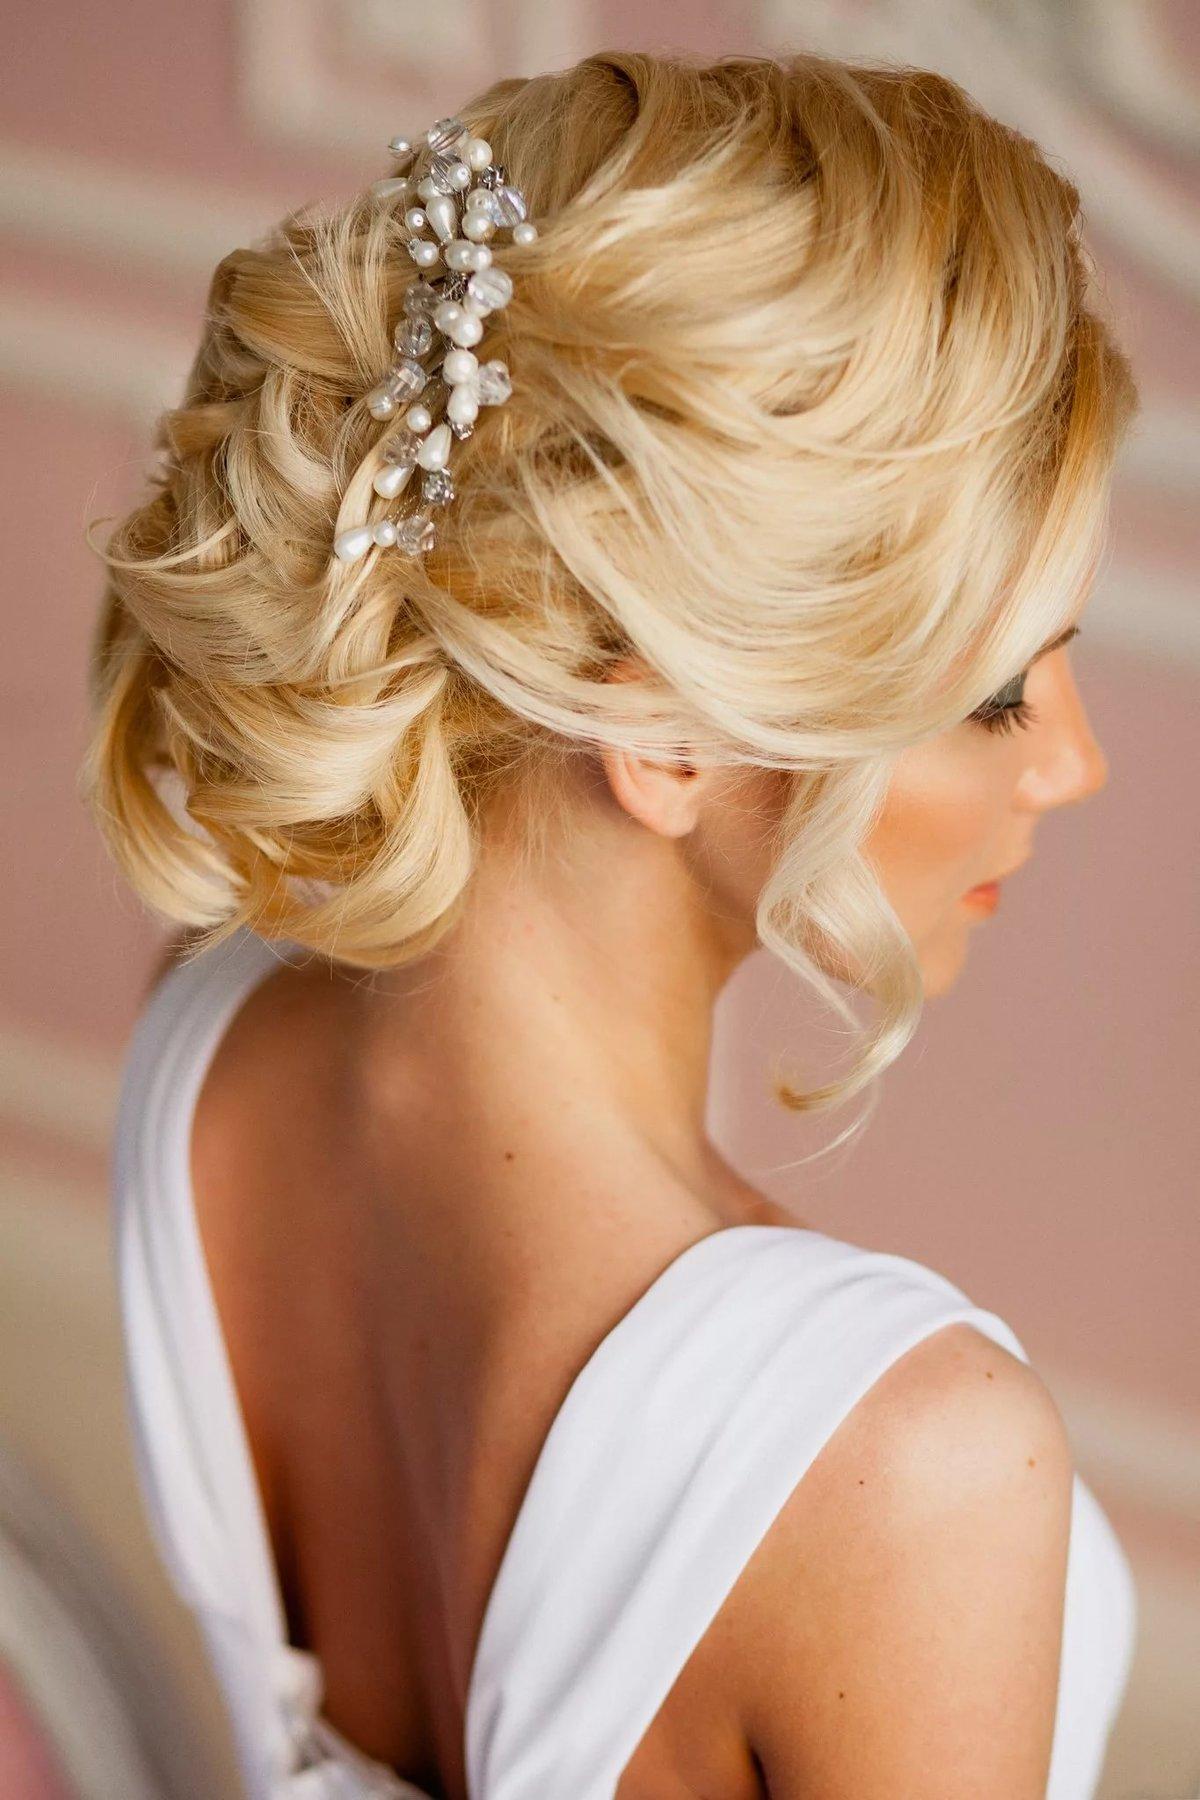 полюбить простые свадебные прически фото флористического искусства предлагают